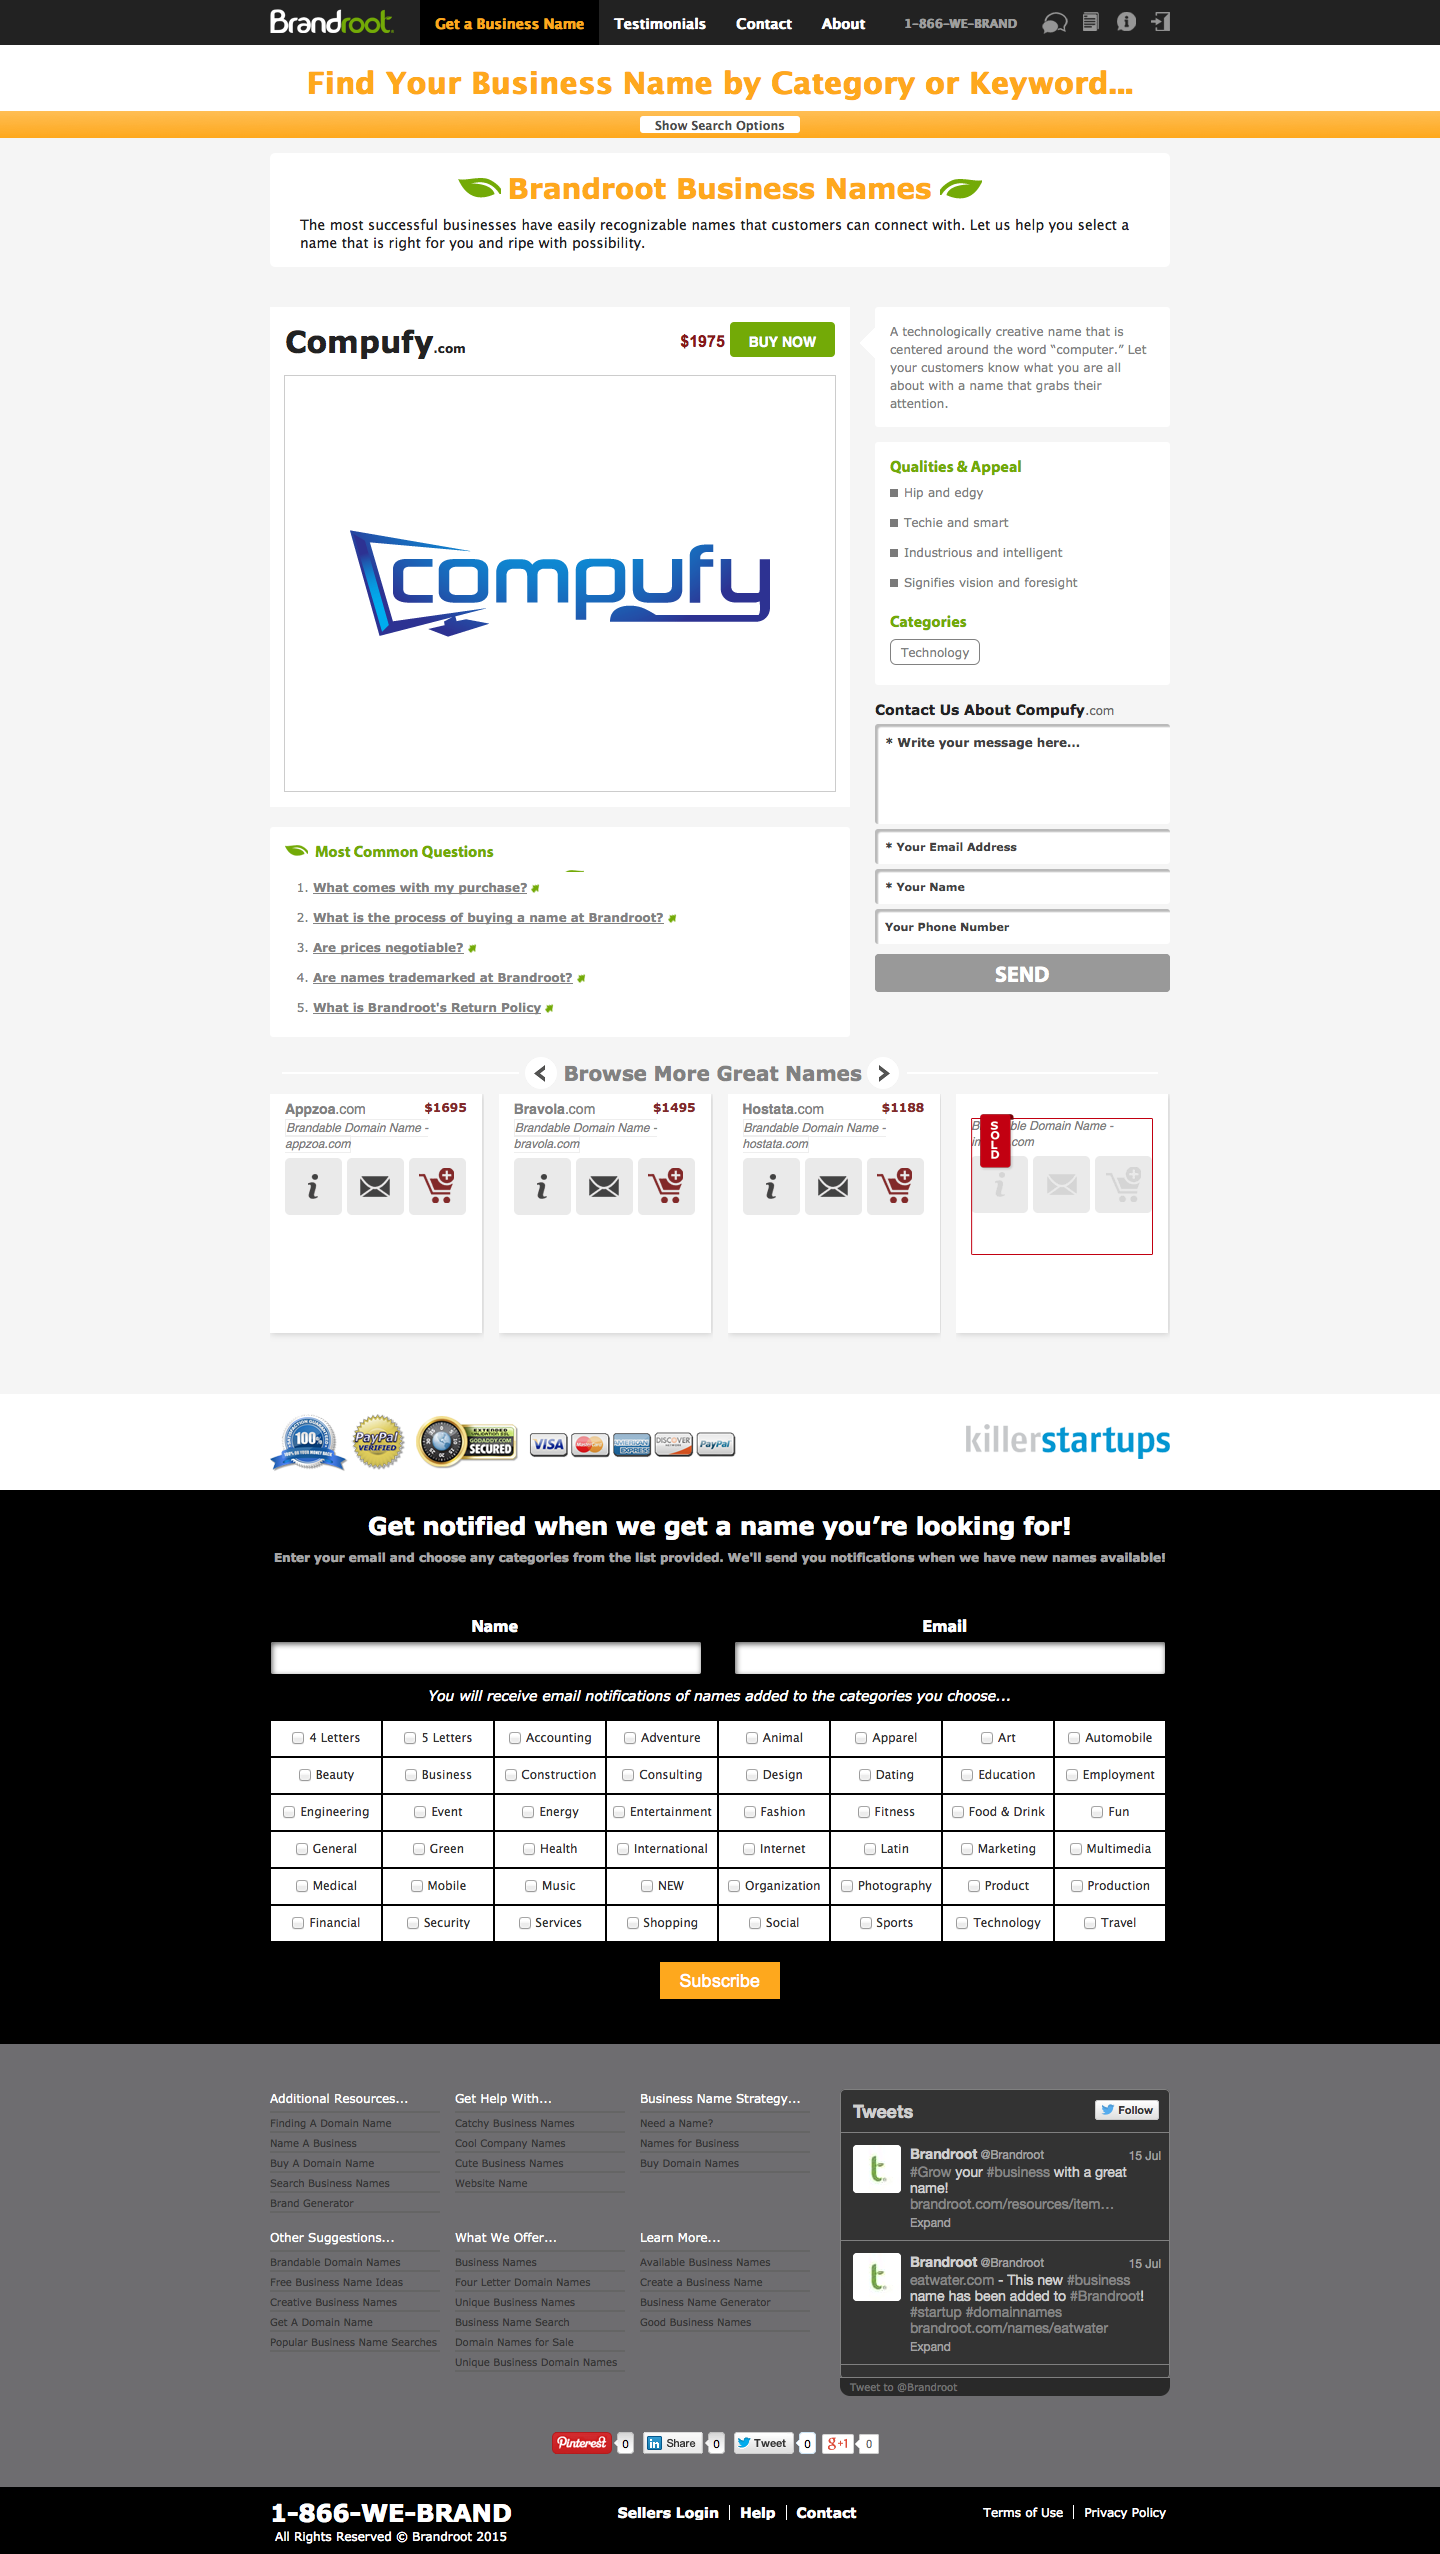 compufy